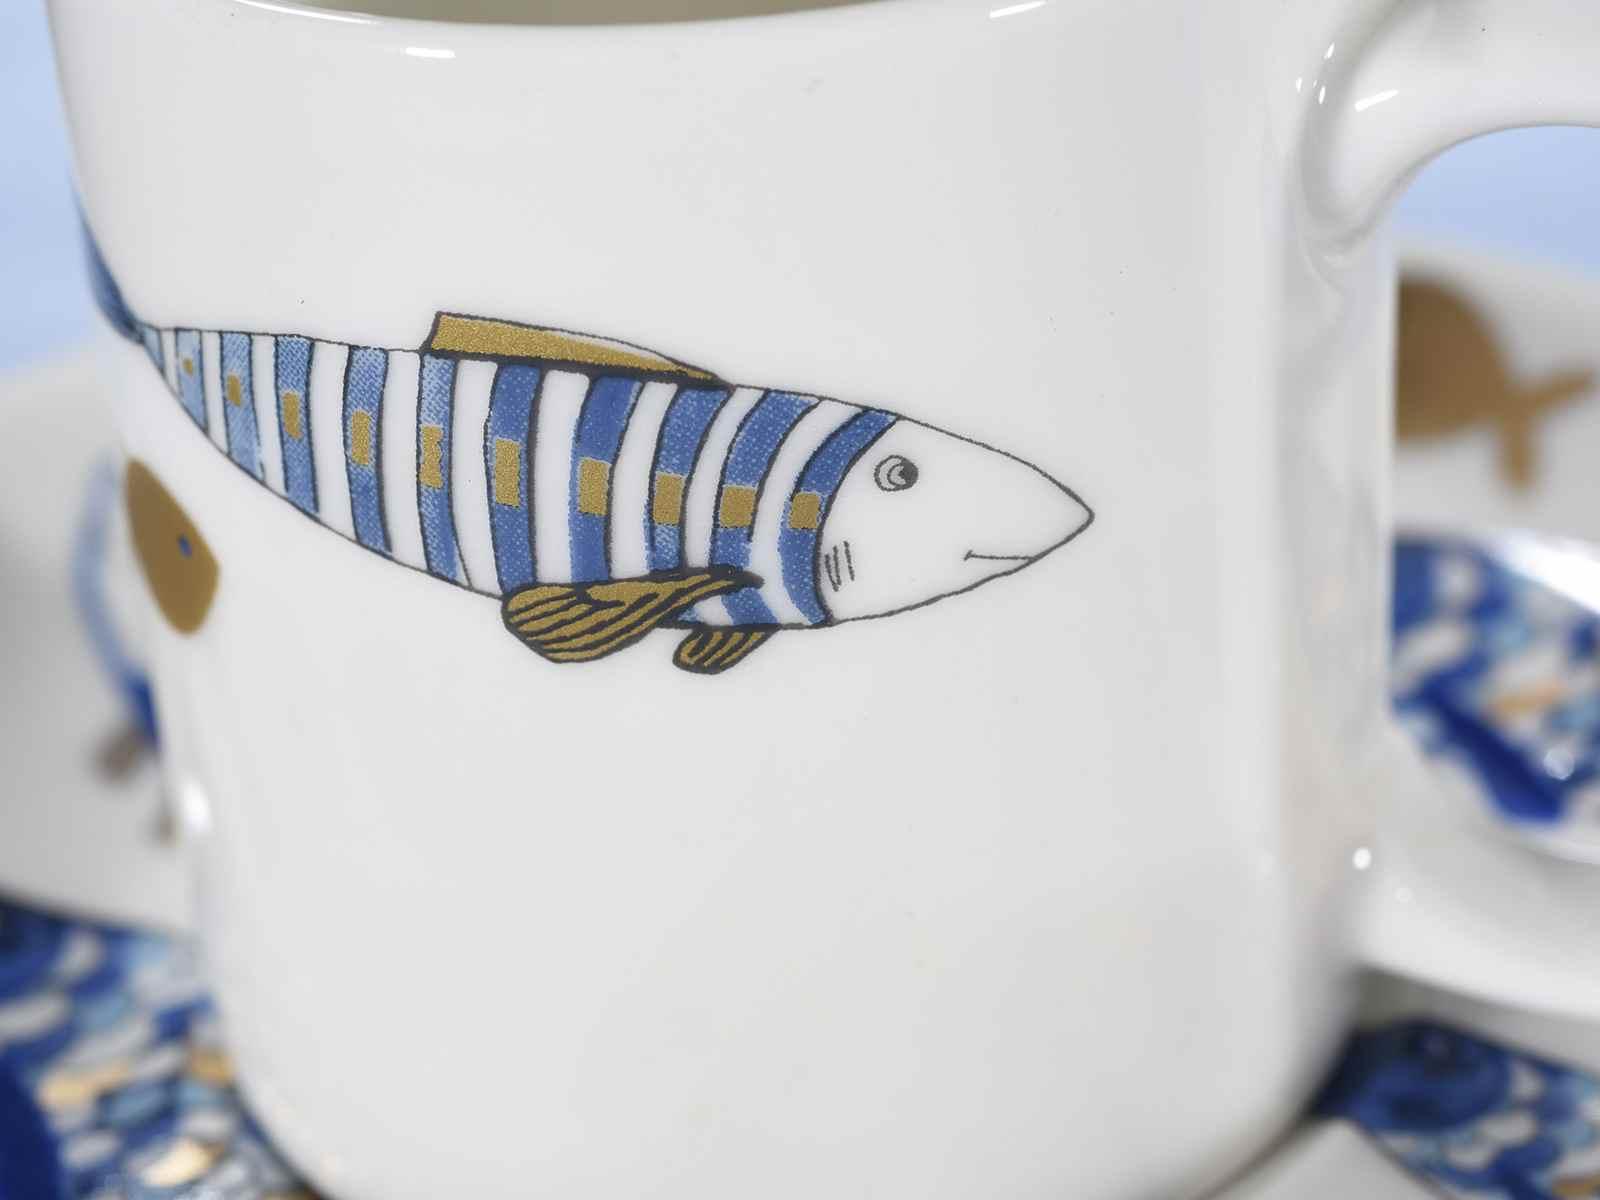 tasse caf soucoupe en porcelaine d co poissons bleu et or art from italy. Black Bedroom Furniture Sets. Home Design Ideas